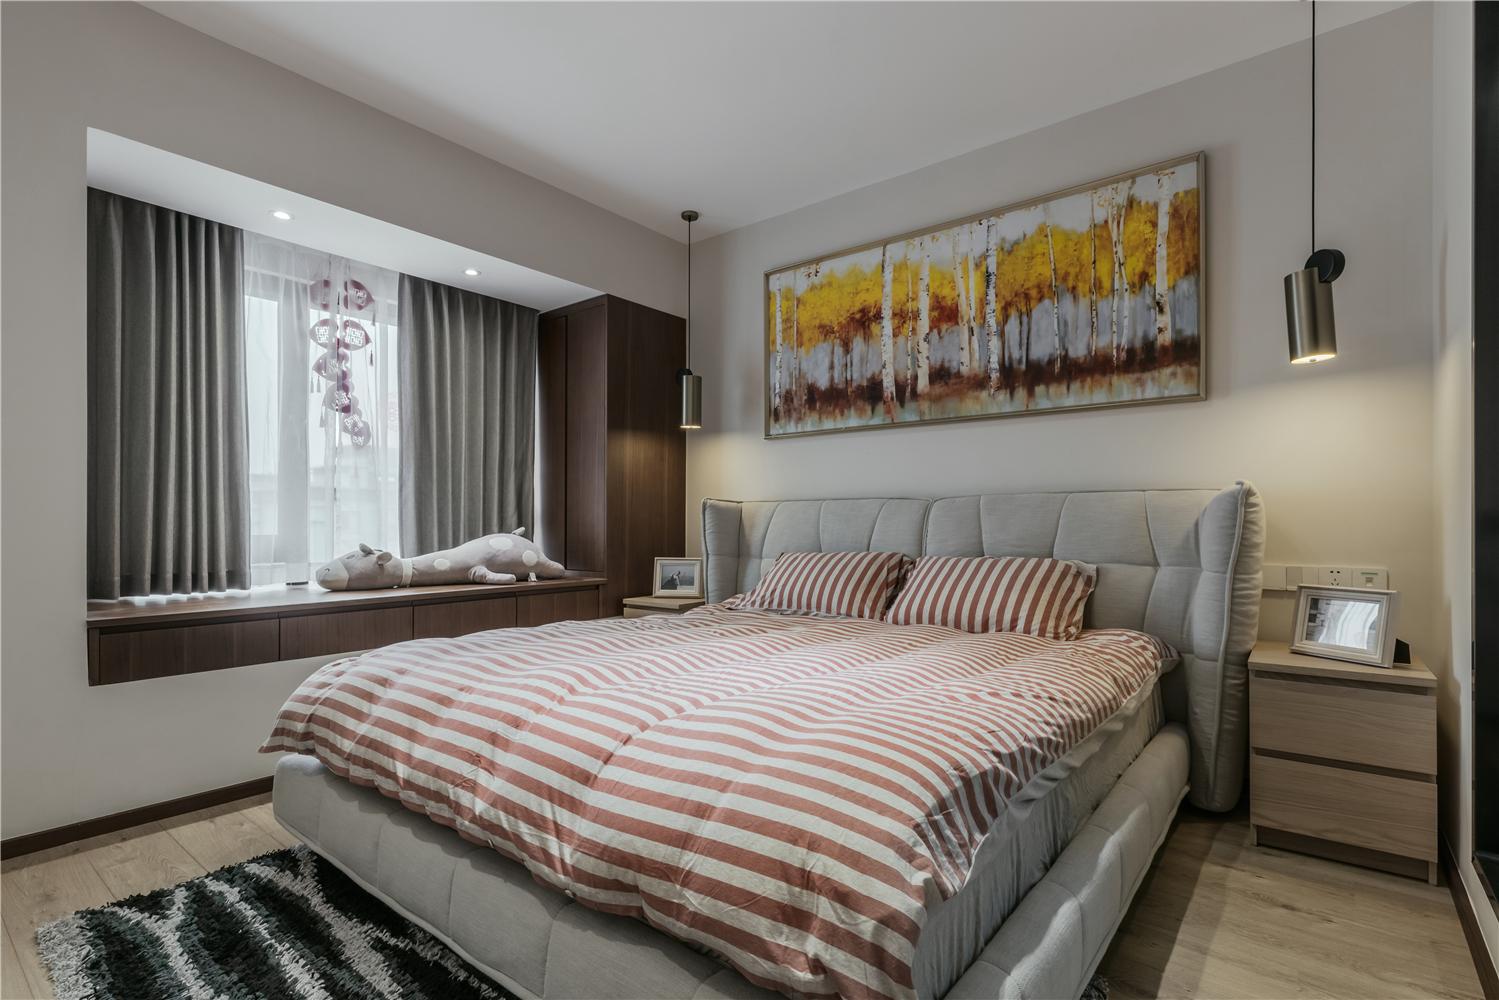 127㎡现代风格卧室装修效果图